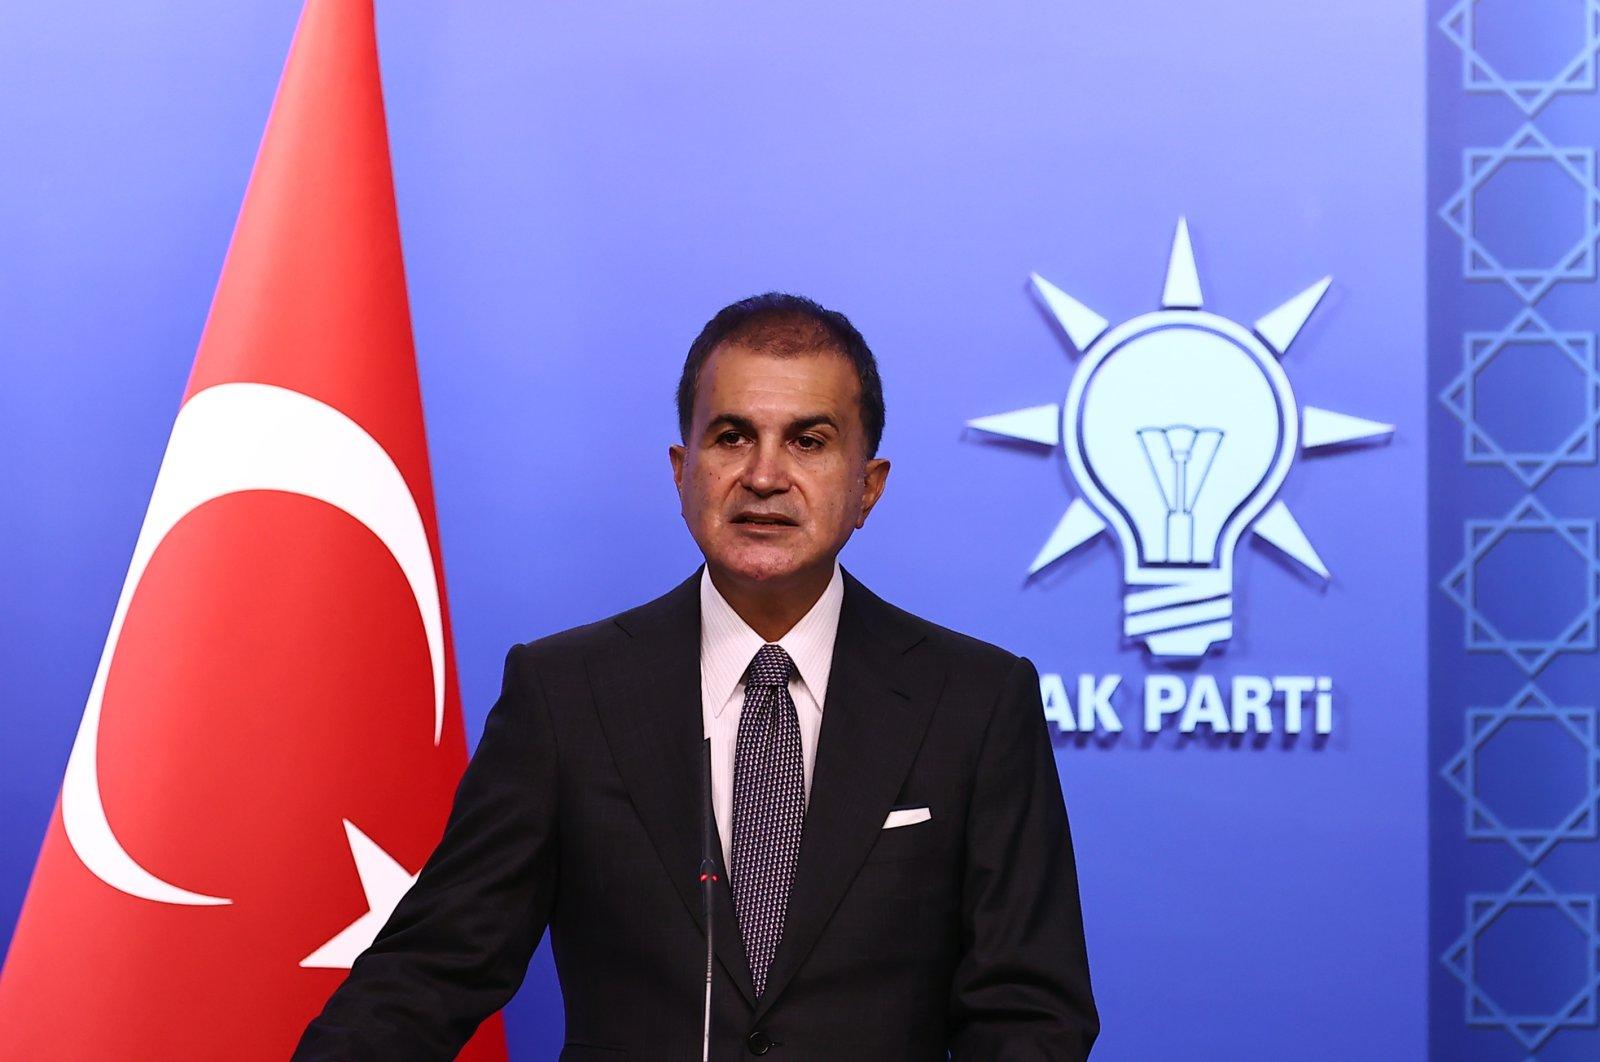 AK Party Spokesperson Ömer Çelik speaks to reporters following a meeting in Ankara, Tuesday, Oct. 5, 2021. (AA Photo)